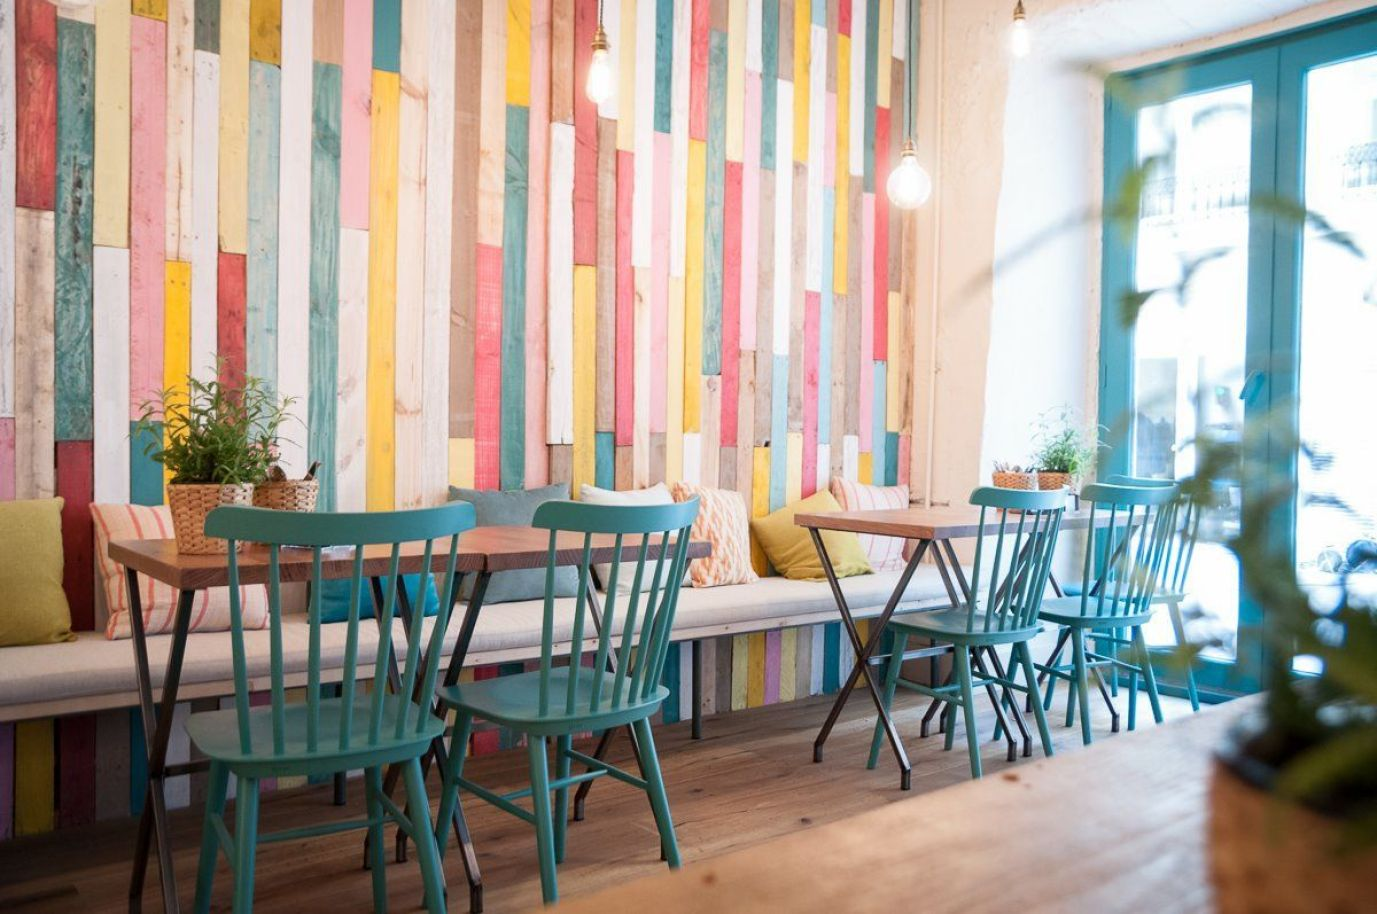 Interiorismo comercial, el interior de estilo vintage, diy y nórdico de el Resto bar El columpio en Madrid